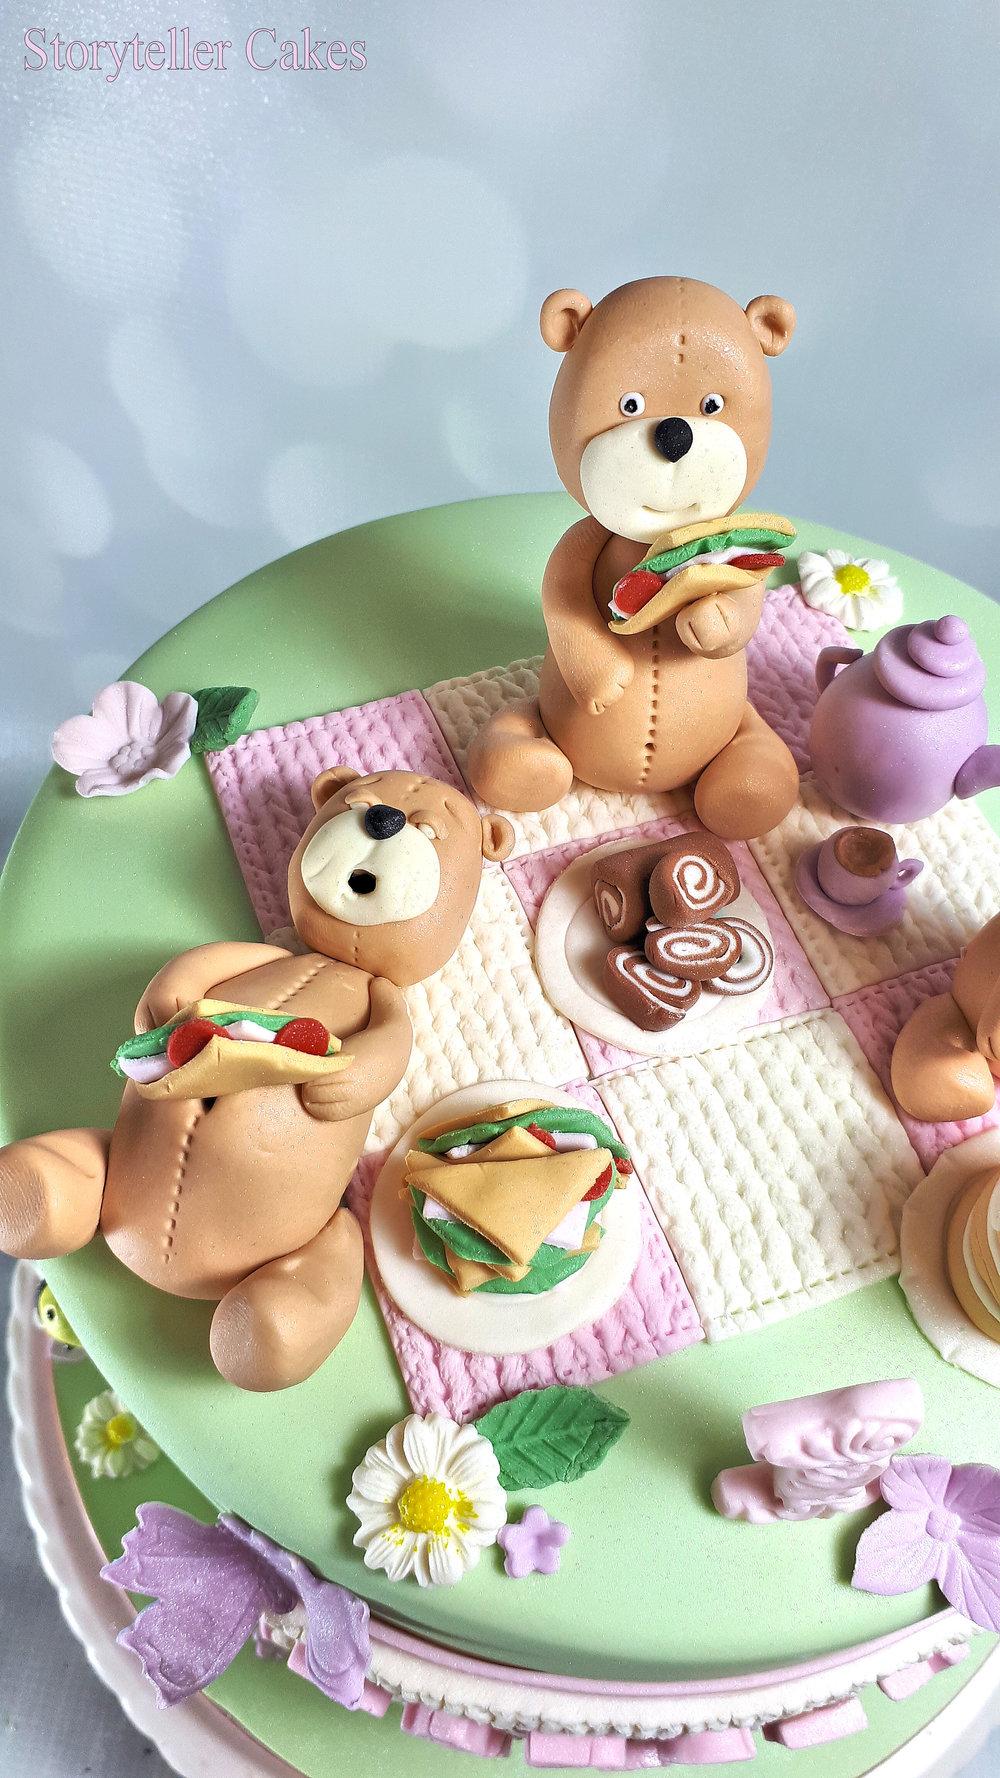 Teddy Bears Picnic 1st Birthday Cake For Girls3.jpg